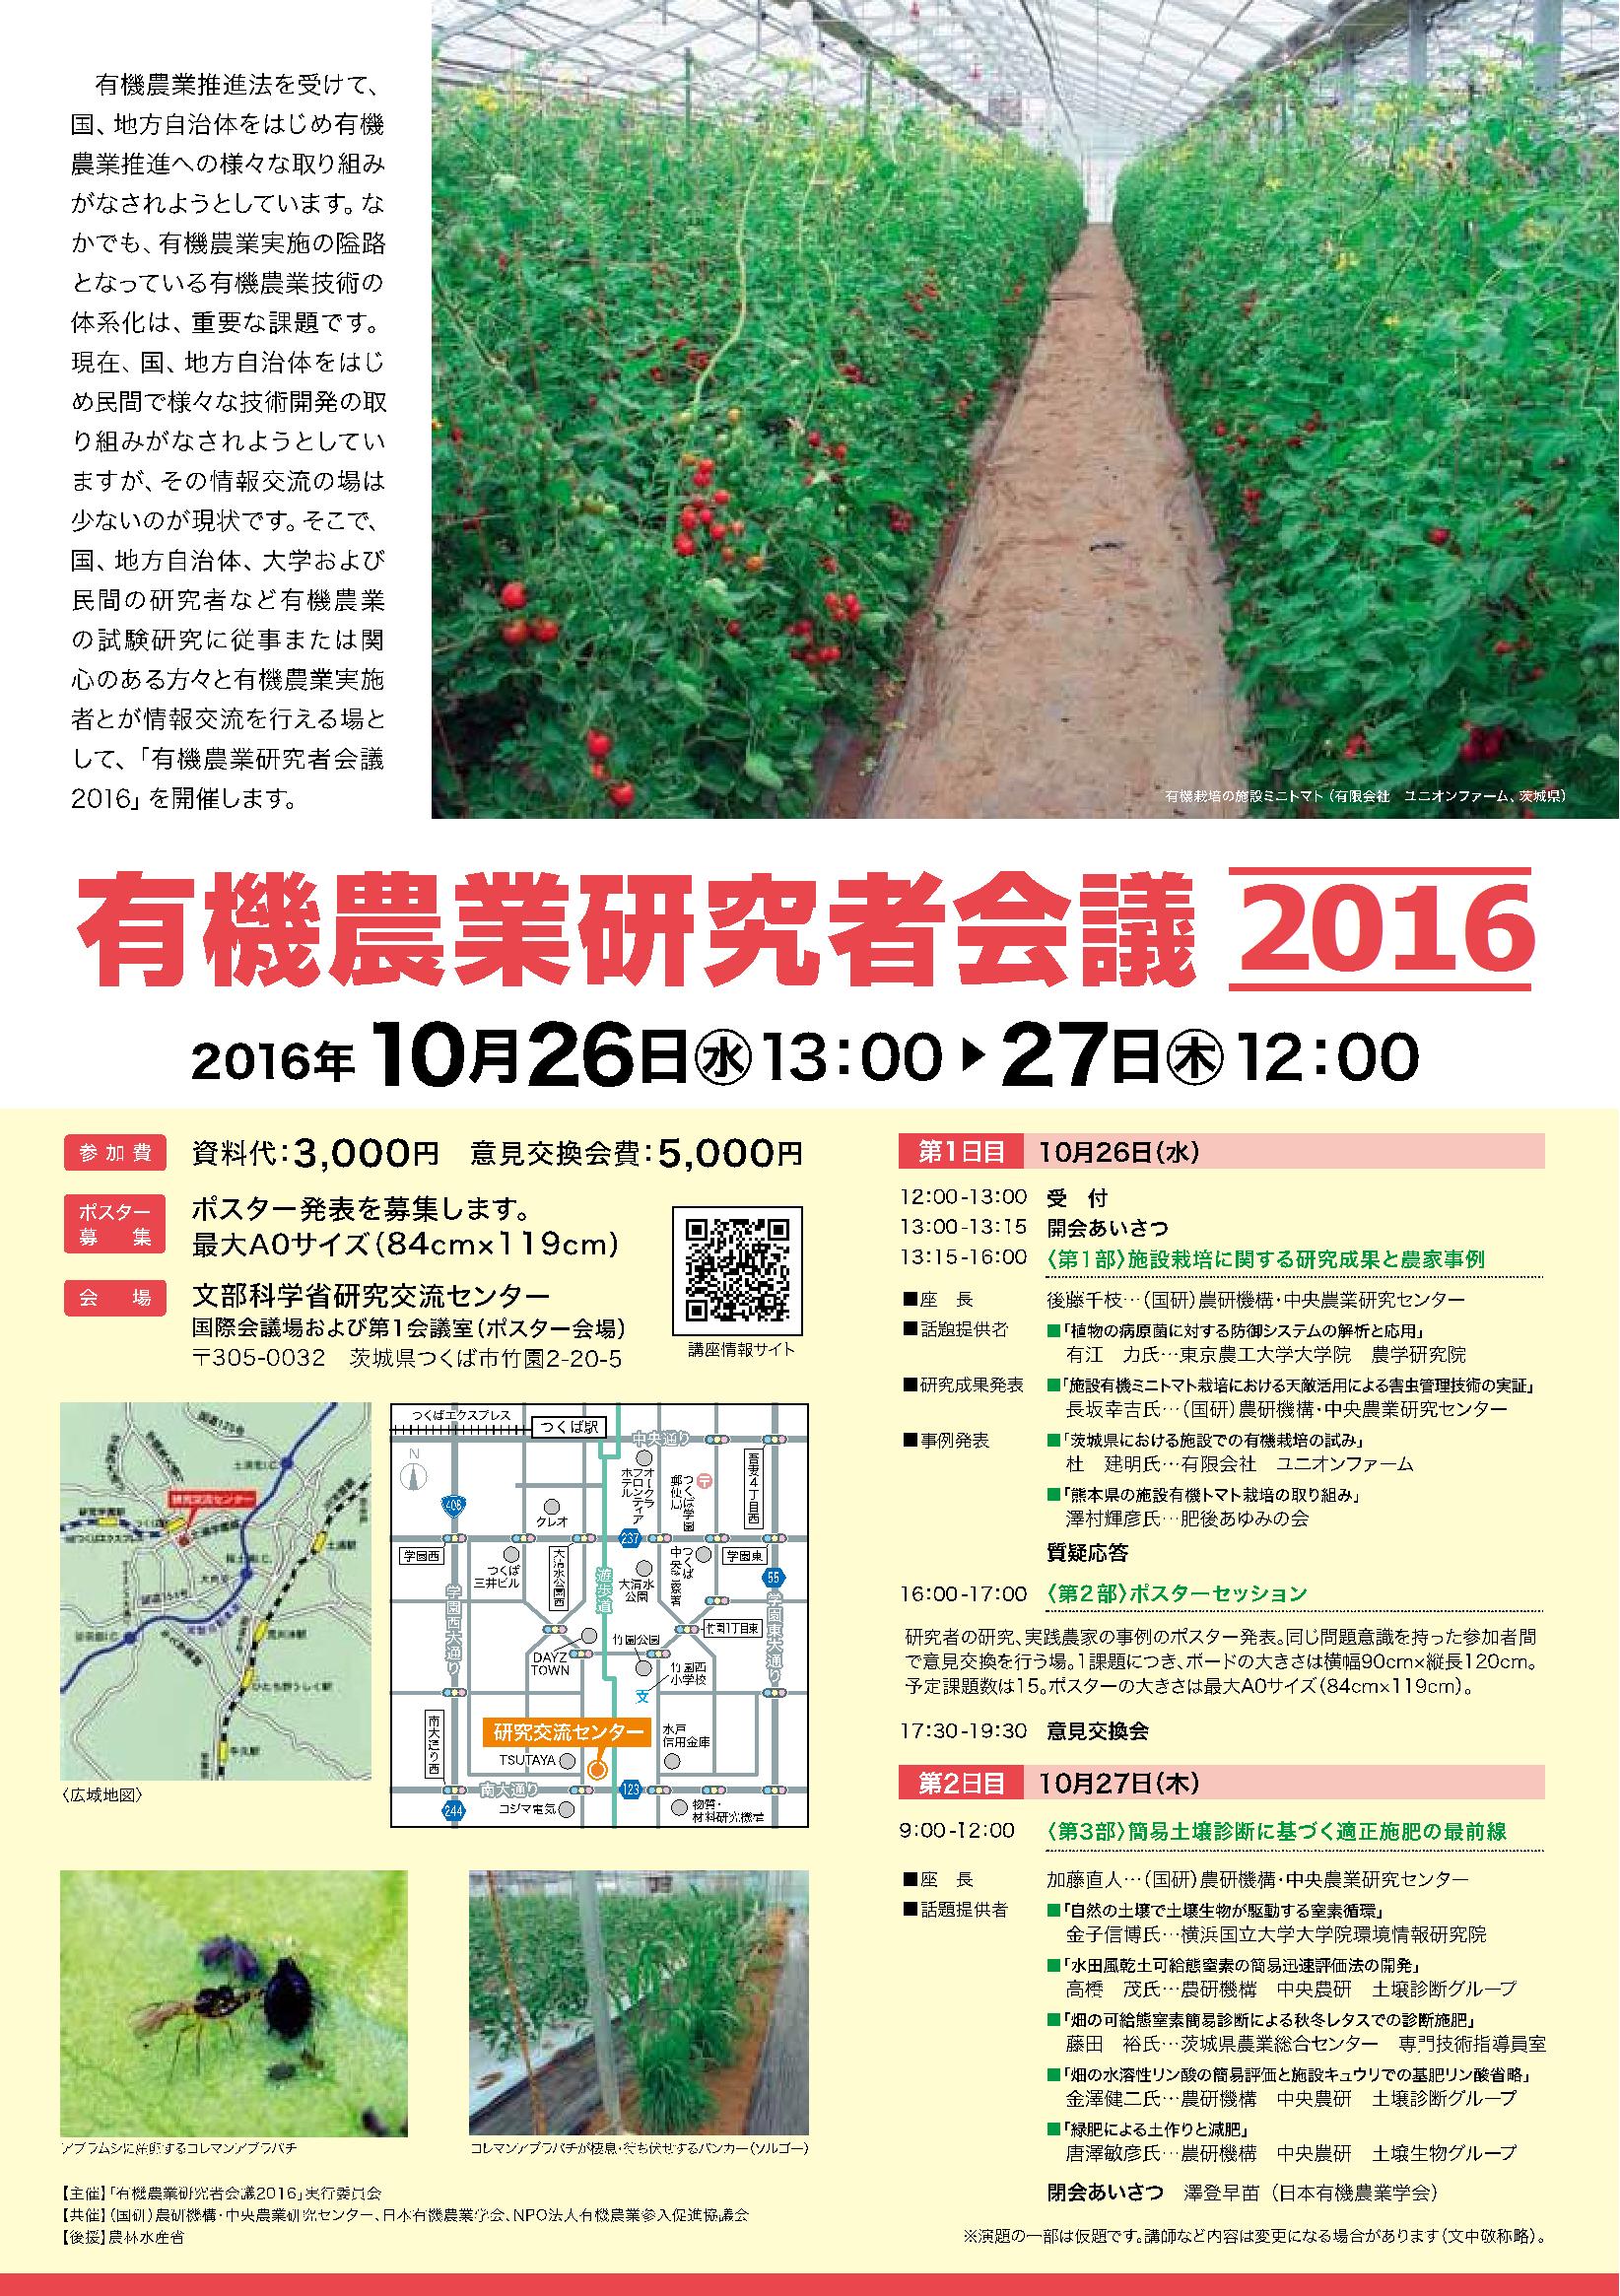 有機農業研究者会議2016